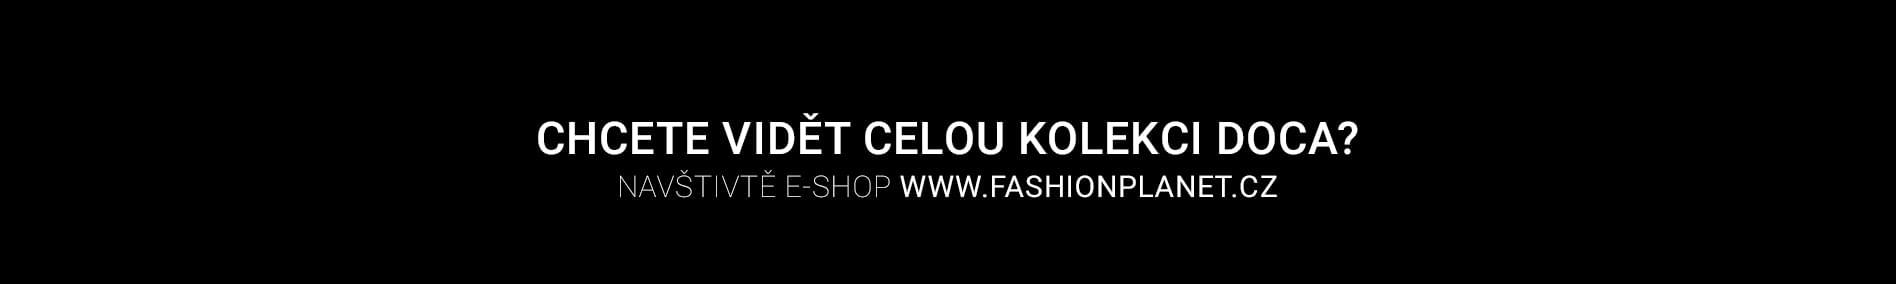 E-shop fashionplanet.cz